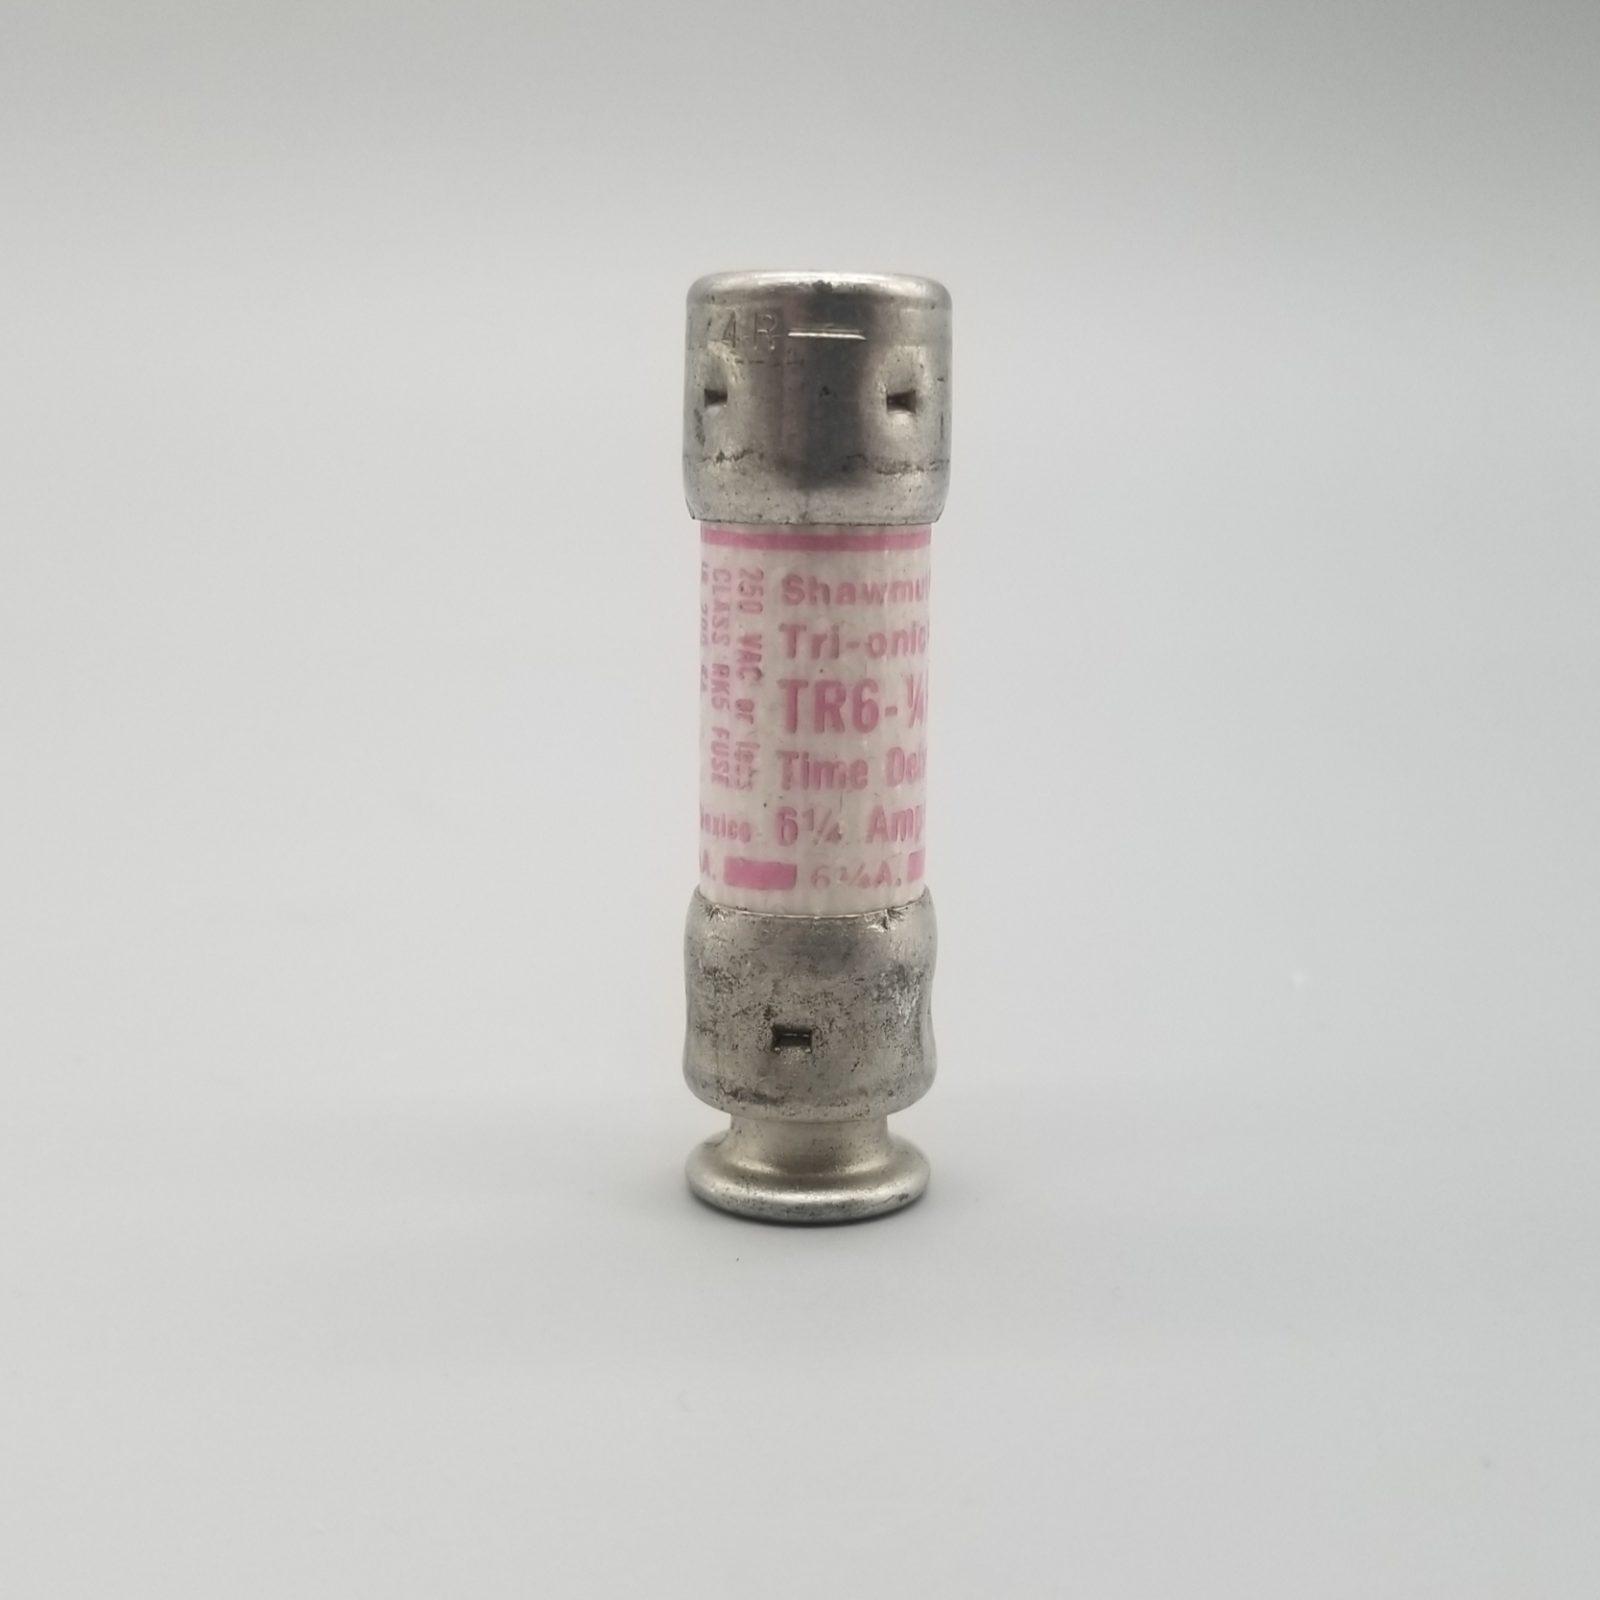 Gould Shawmut TR6-1/4R Fuse 6-1/4 AMP,